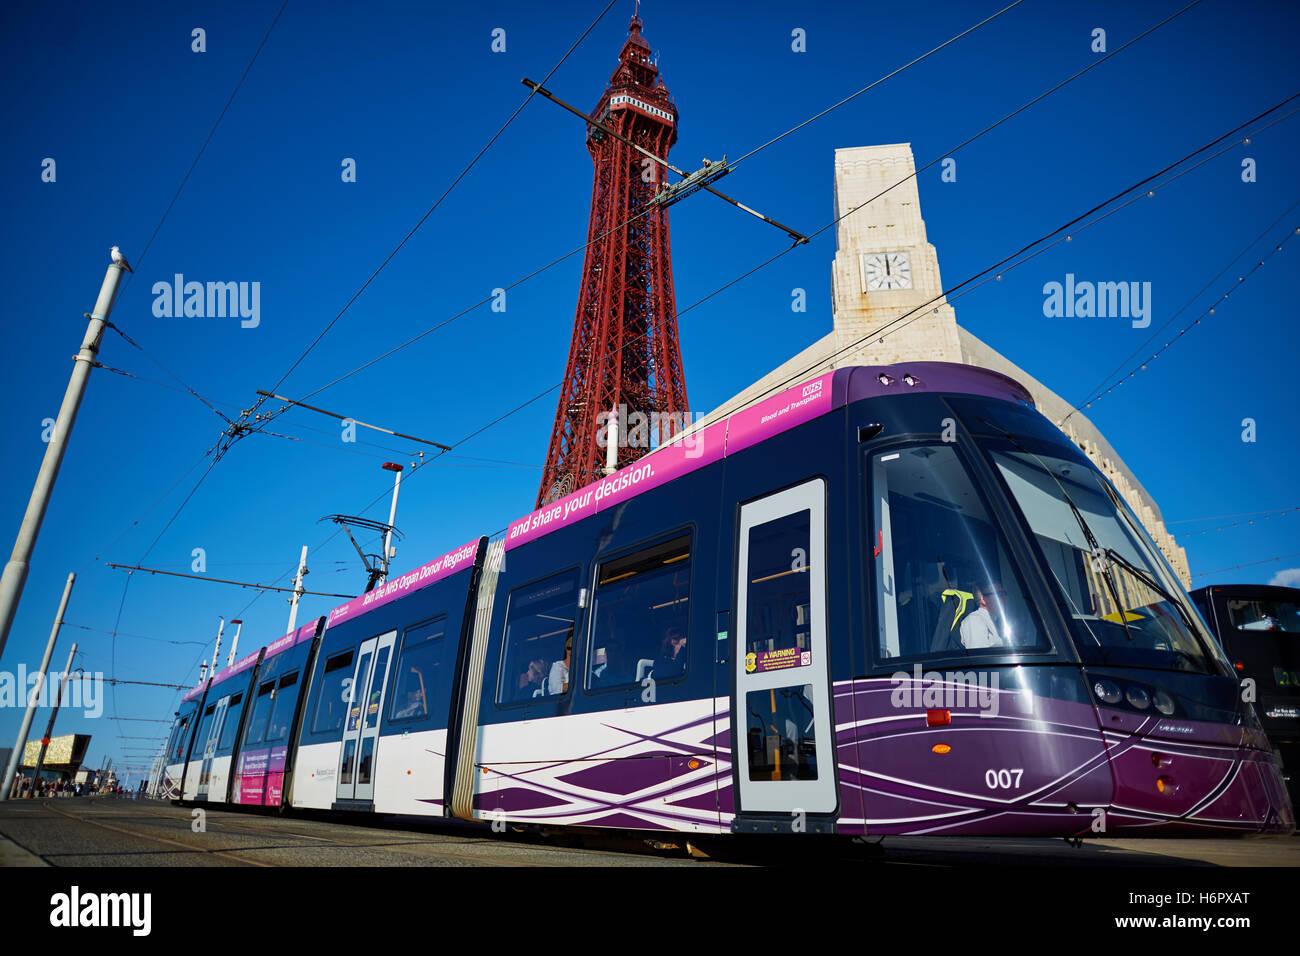 Blackpool ftower tranvía moderno light rail vacaciones al lado del mar ciudad resort Lancashire atractivos turísticos Torre copyspace blue sky d Foto de stock